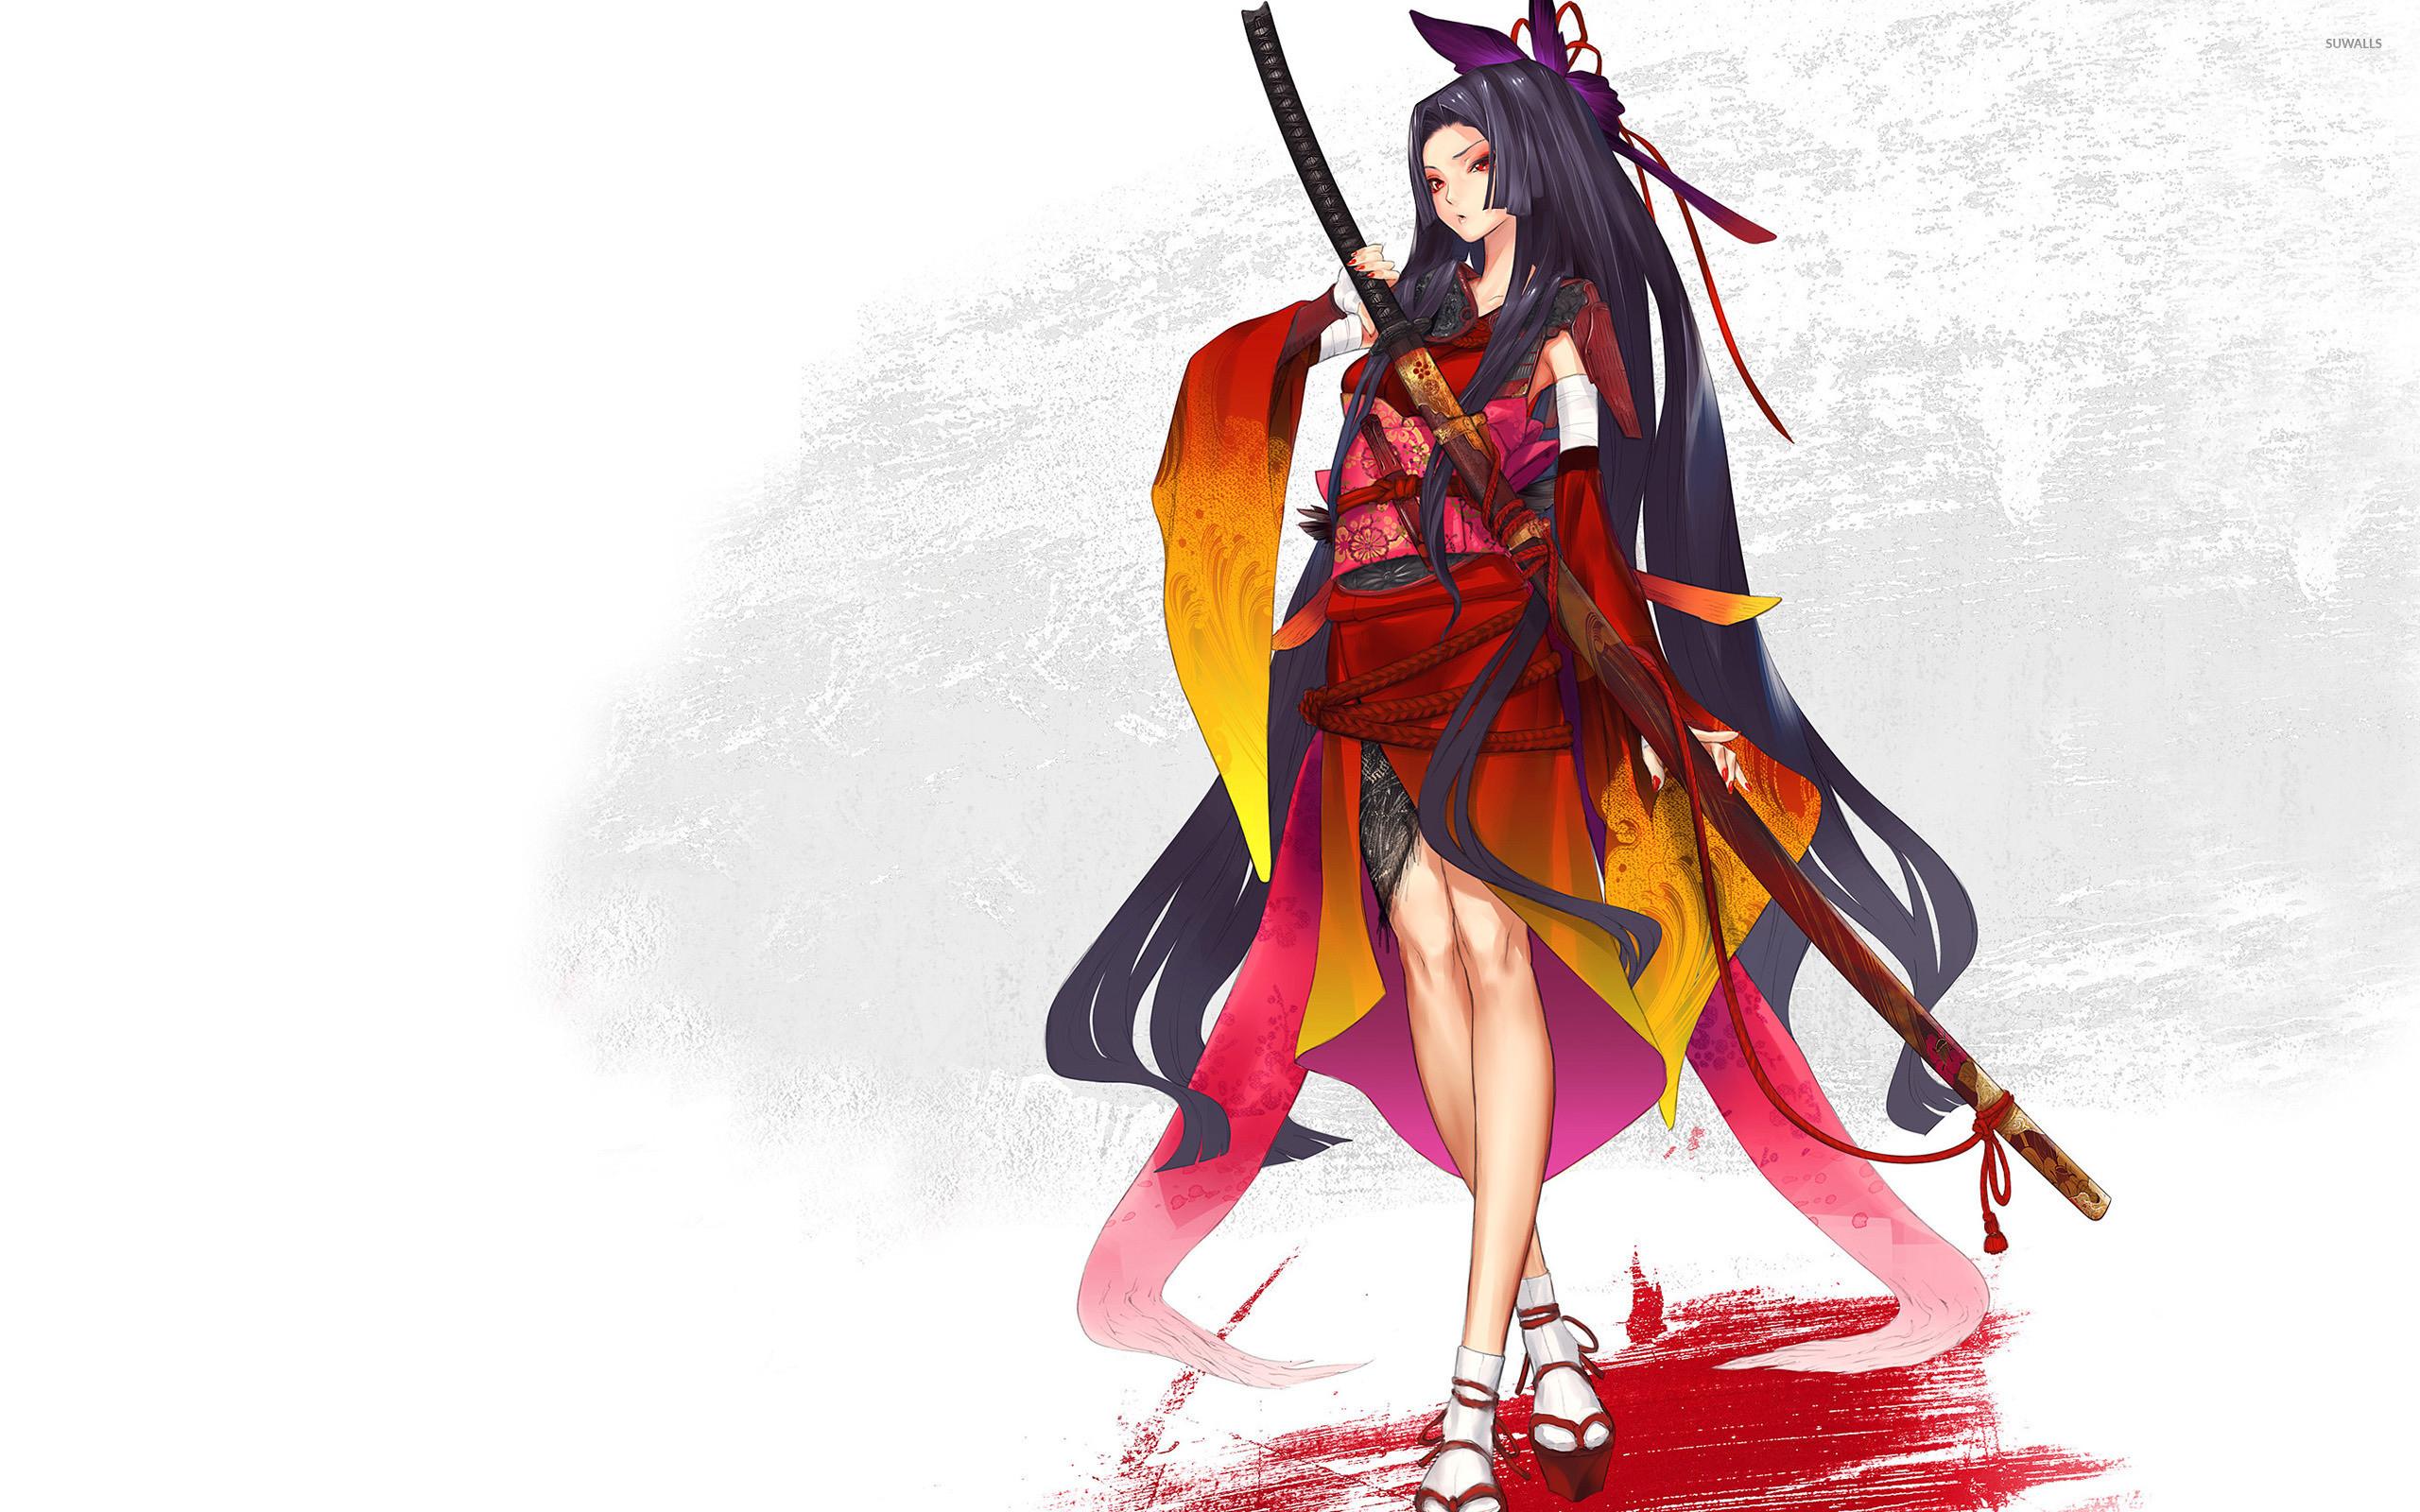 Res: 2560x1600, Sen Tokugawa - Hyakka Ryoran: Samurai Girls wallpaper